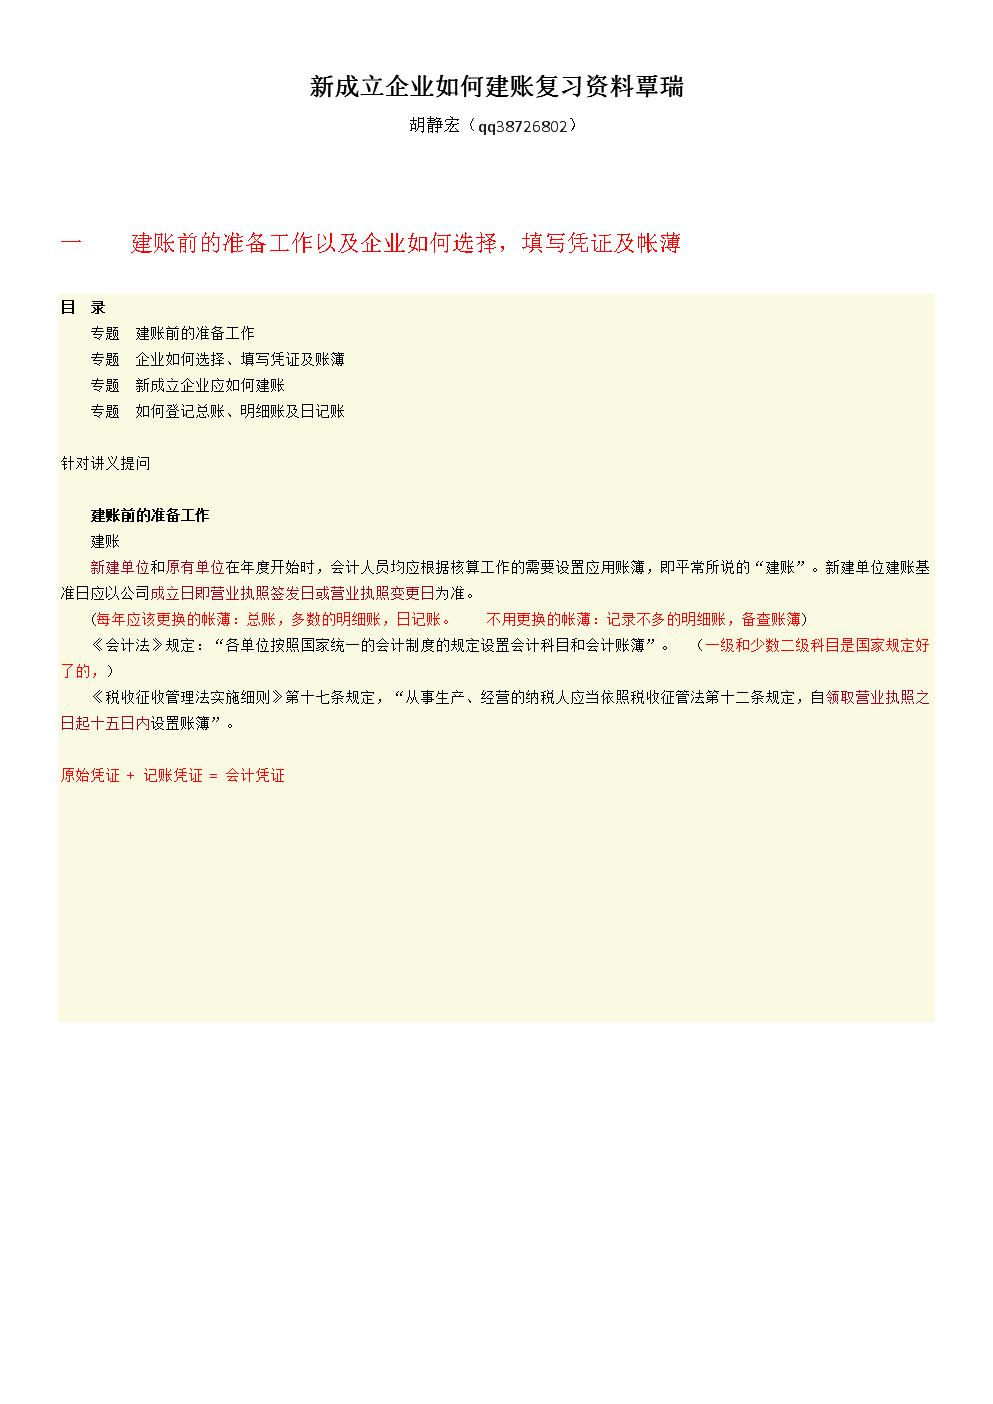 新成立企业如何建账复习资料覃瑞.docx